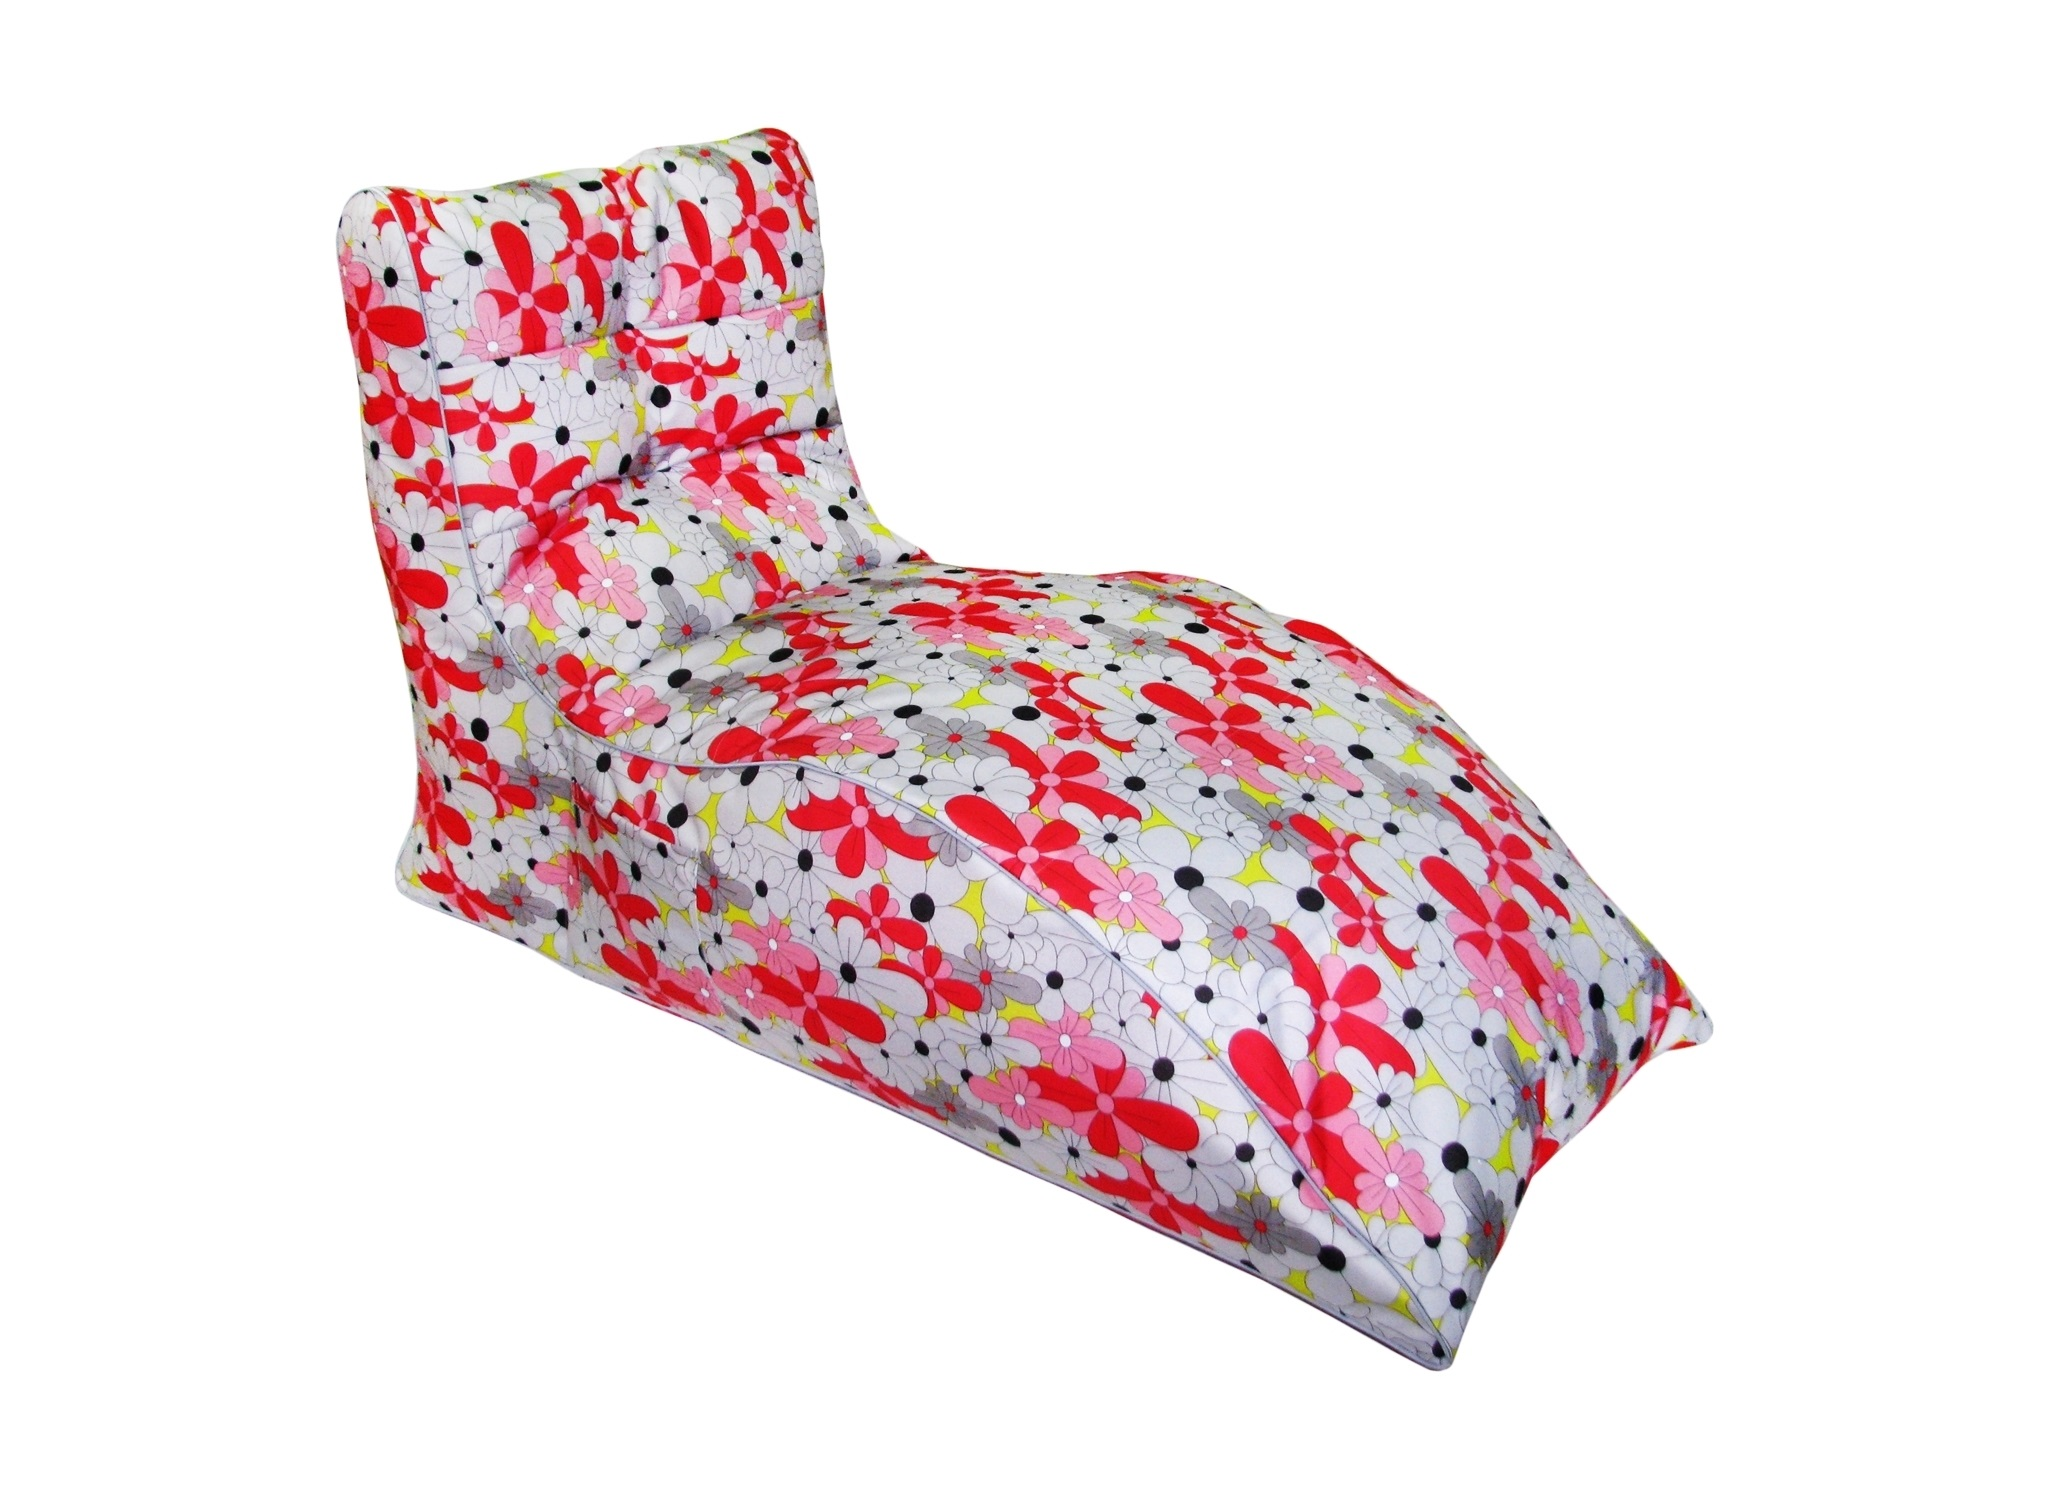 Кресло-лежак BloomЛежаки<br>Очень комфортное и  легкое  кресло станет неотьемлемой частью вашего интерьера как дома так и на улице. Сиденье и спинка кресла великолепно поддерживают и принимют форму тела, обеспечивая комфортный отдых. Читайте книгу, общайтесь с друзьями или просто наслаждайтесь лучами летнего солнца удобно разместившись в этом кресле!  Оно сшито из очень плотной ткани с водооталкивающим покрытием с внешней строны, поэтому идеально подойтет для уличного декора.При загразнении его достаточно протереть мокрой салфеткой.<br><br>Material: Текстиль<br>Ширина см: 80<br>Высота см: 131<br>Глубина см: 60